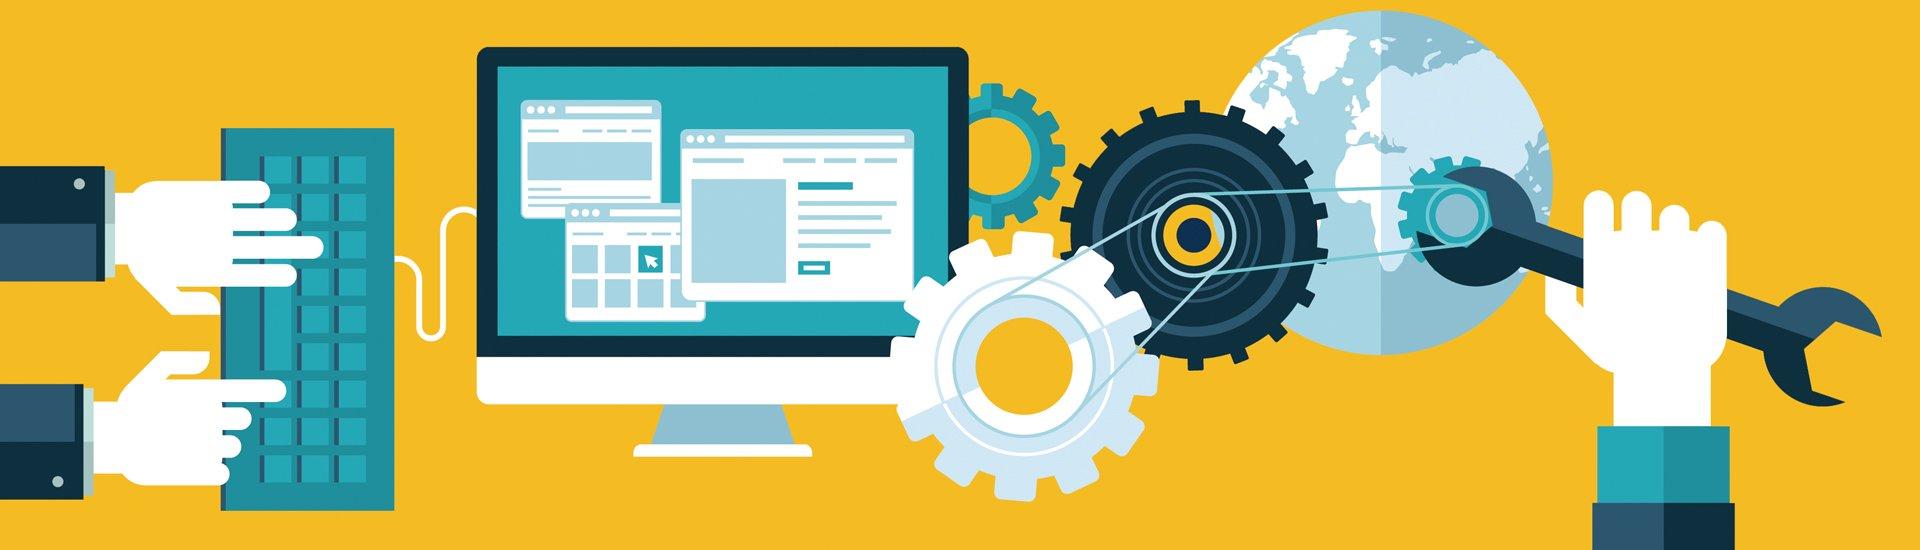 Настройка сео оптимизации сайта